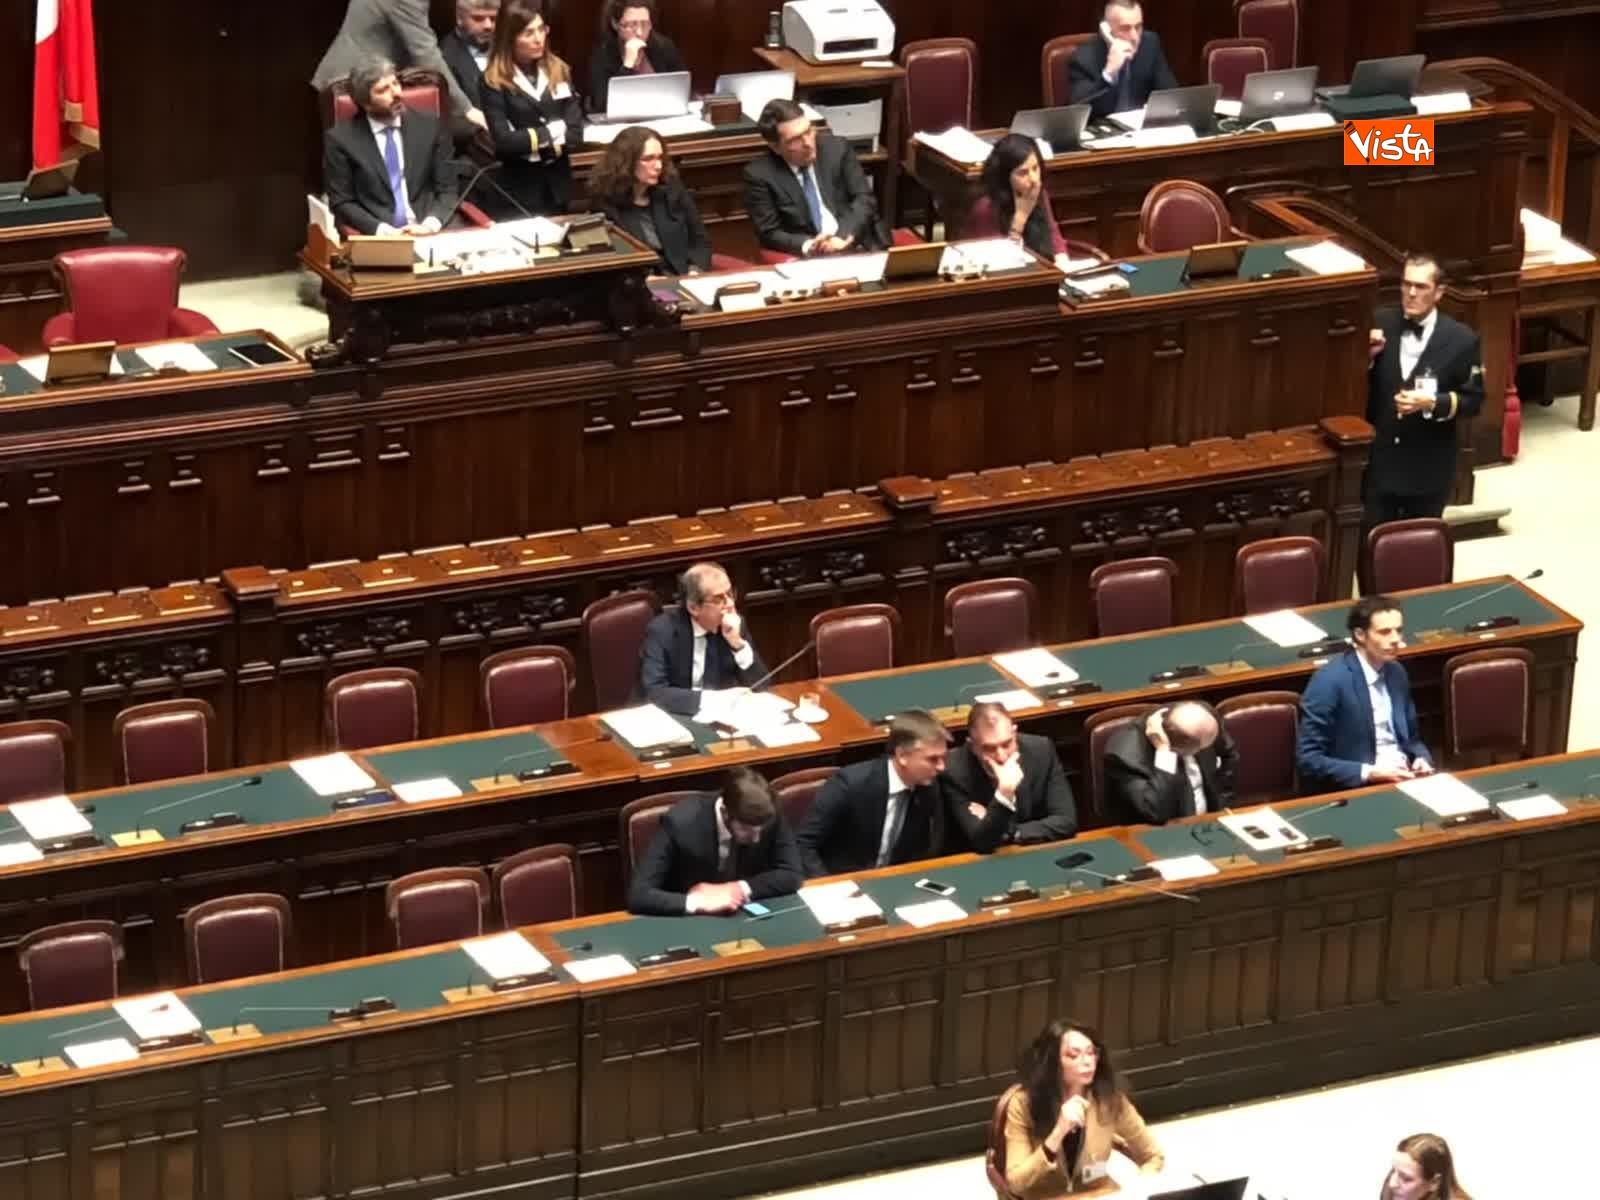 07-02-19 Tria parla in aula, interrotto risponde a un deputato stai zitto e scoppia la bagarre_08